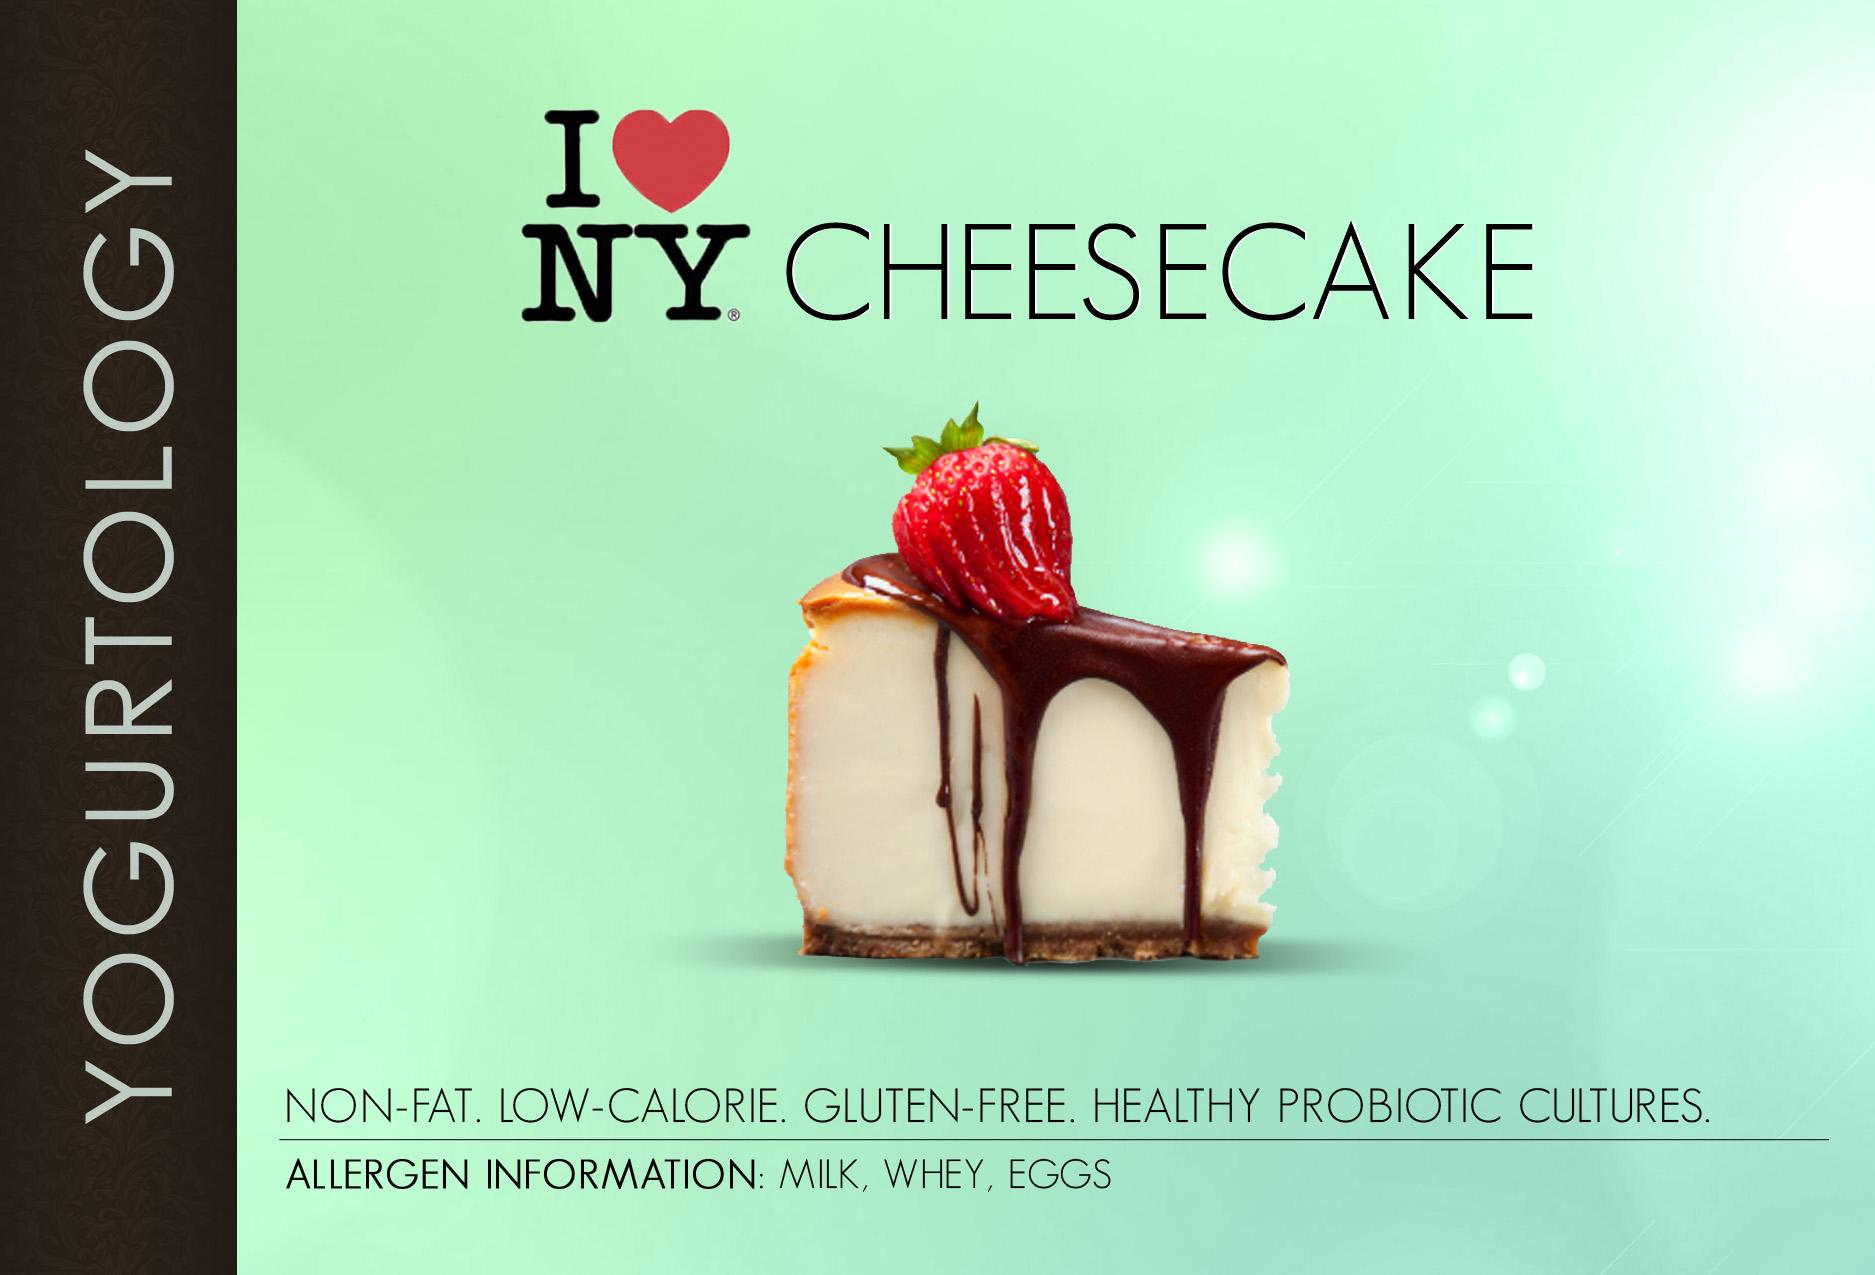 I Love New York Cheesecake